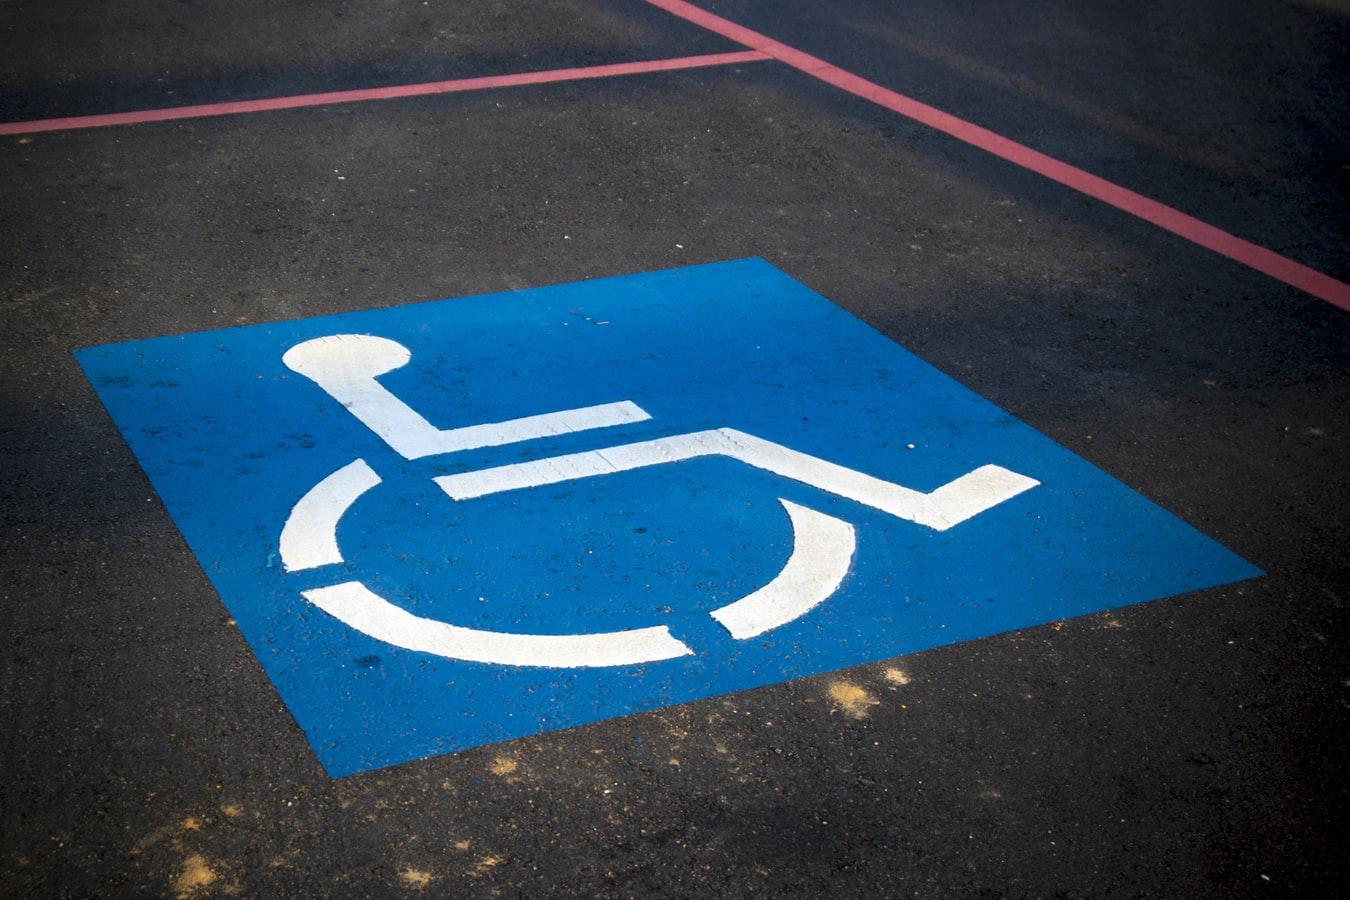 Παγκόσμια Ημέρα Ατόμων με Αναπηρία: «Είμαι άτομο με αναπηρία, όμως έχω δικαίωμα στη ζωή»